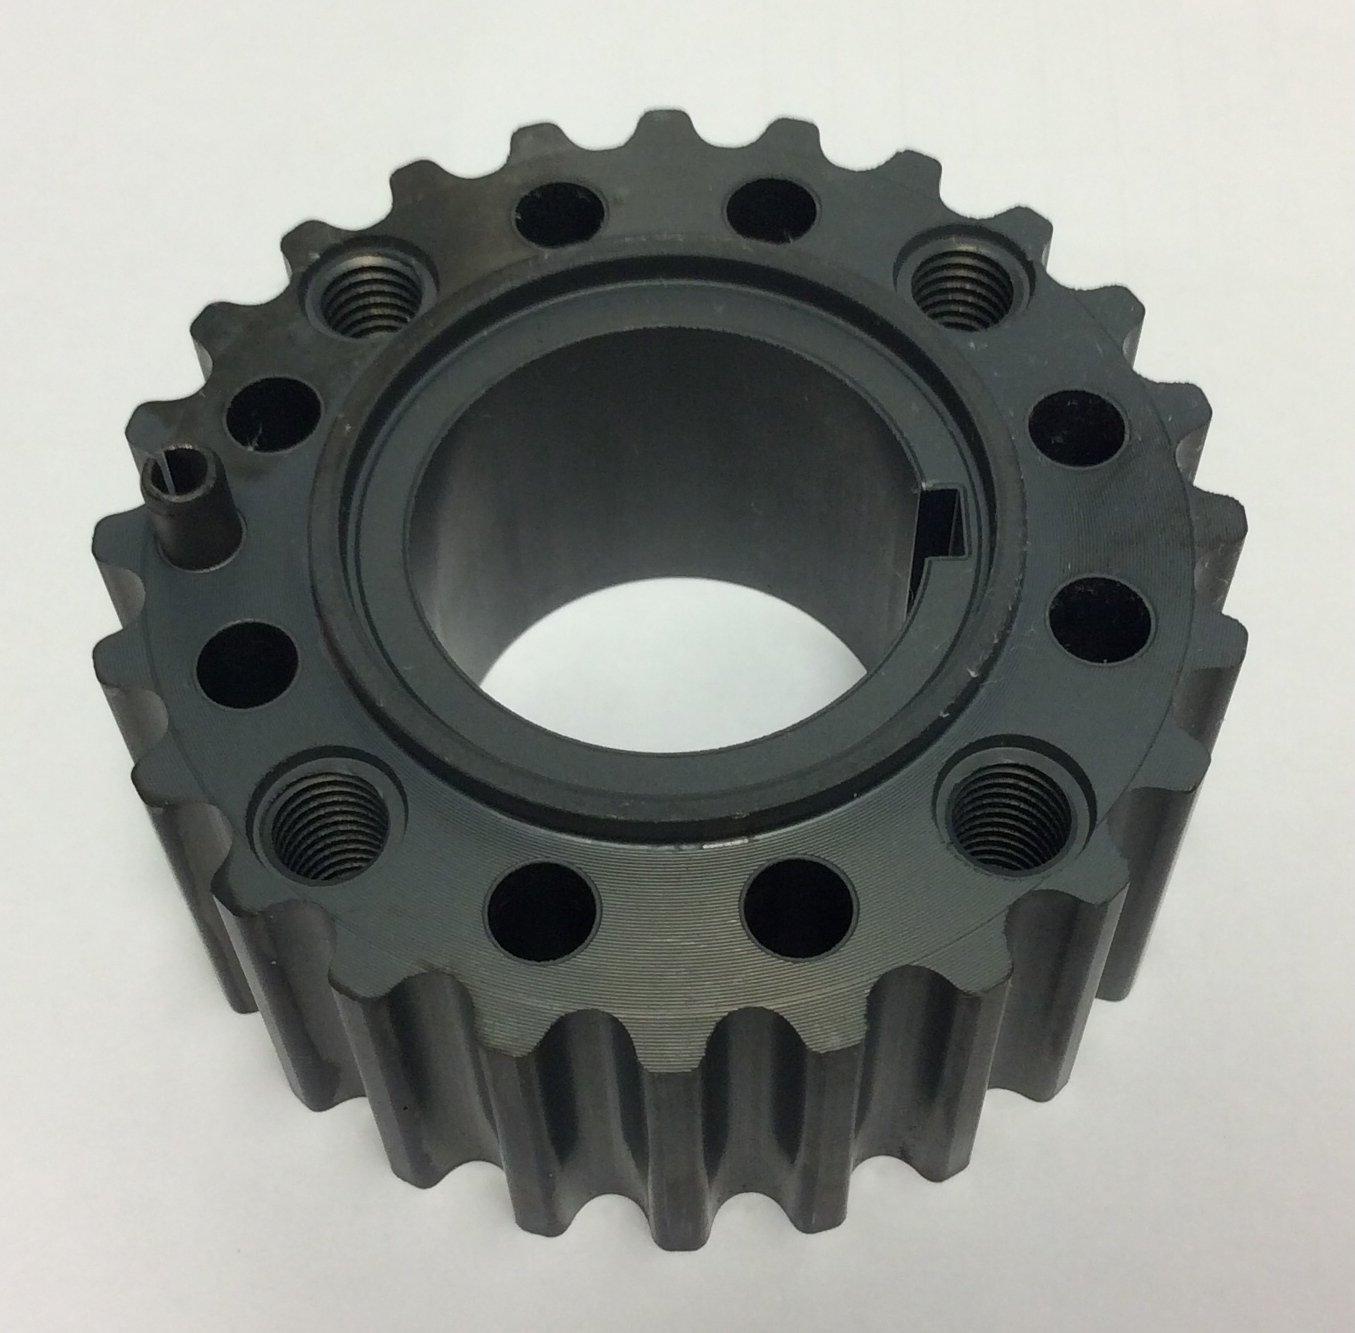 Genuine Mitsubishi Timing Belt Lower Crankshaft Sprocket Gear Pulley Trigger Plate Spacer Key Pksprocket Md184894 Md184901 Md309036 Md008959 Montero